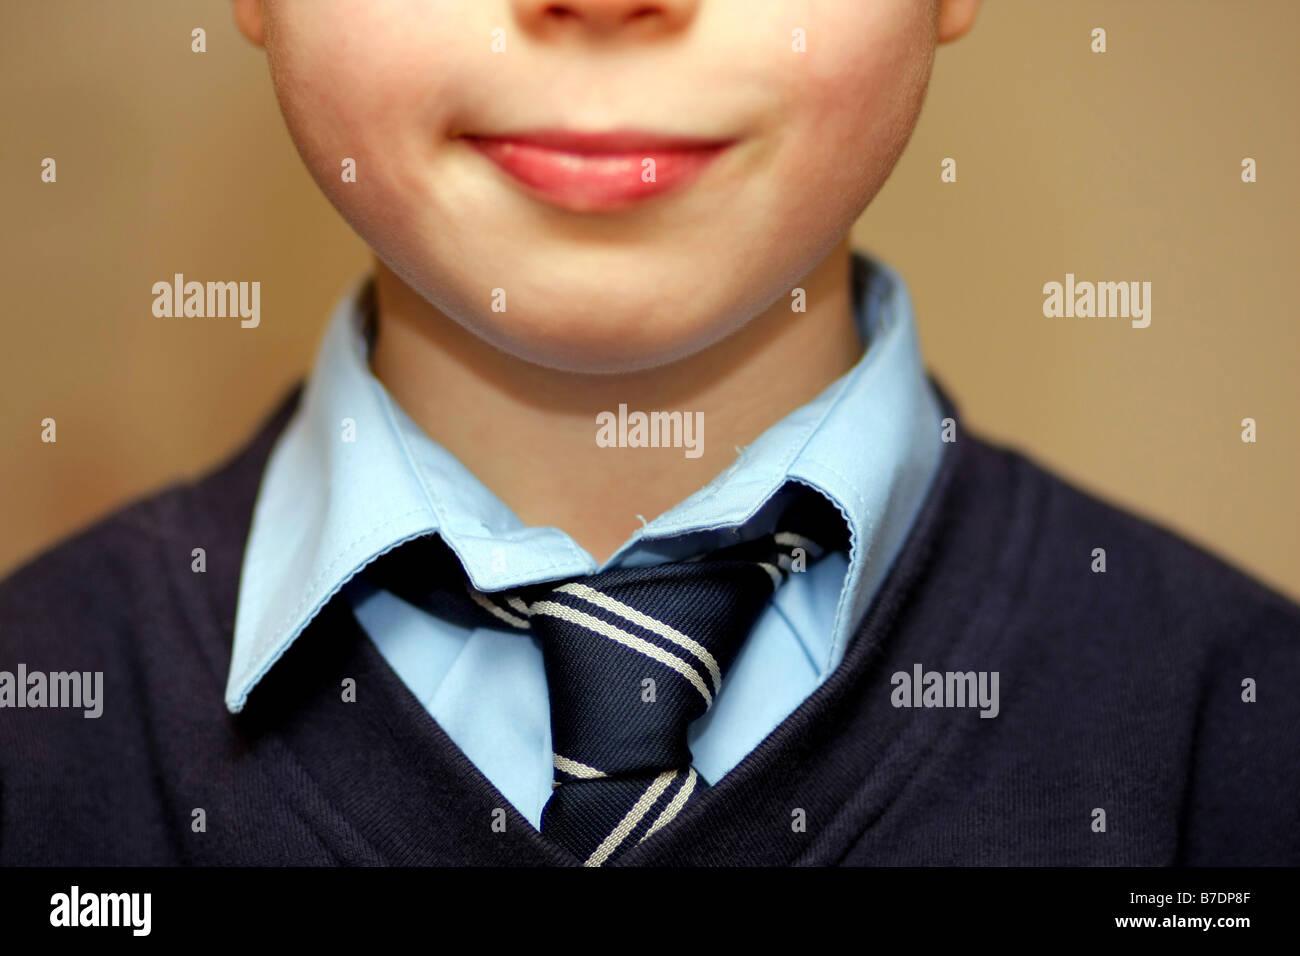 Schüler tragen Schule Krawatte Stockbild